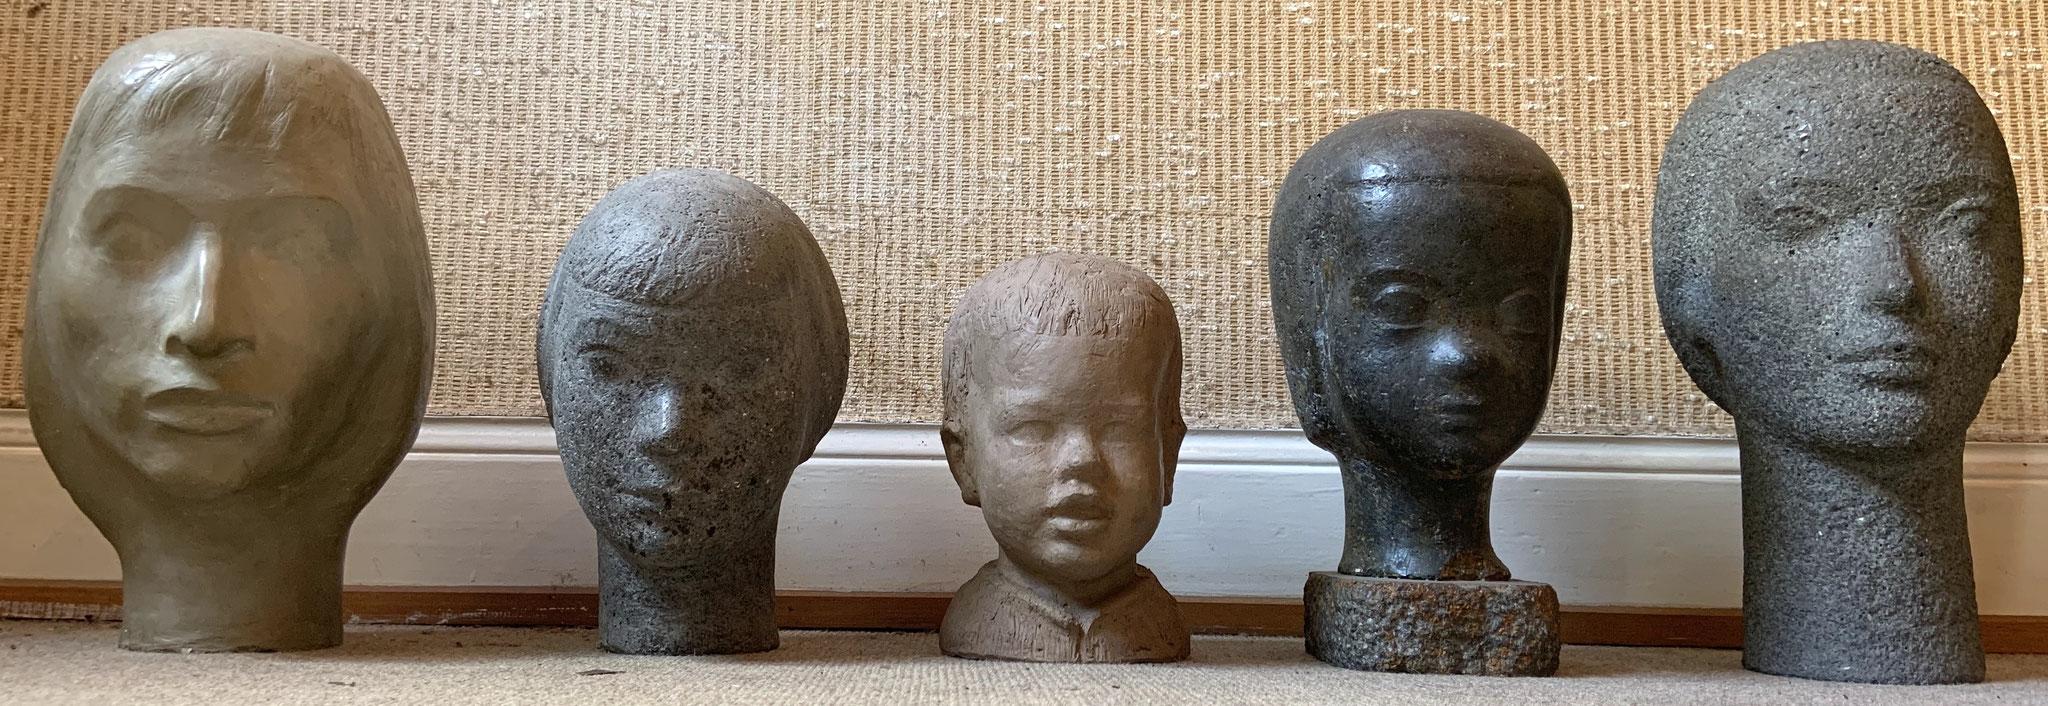 Diverse Kopfbüsten